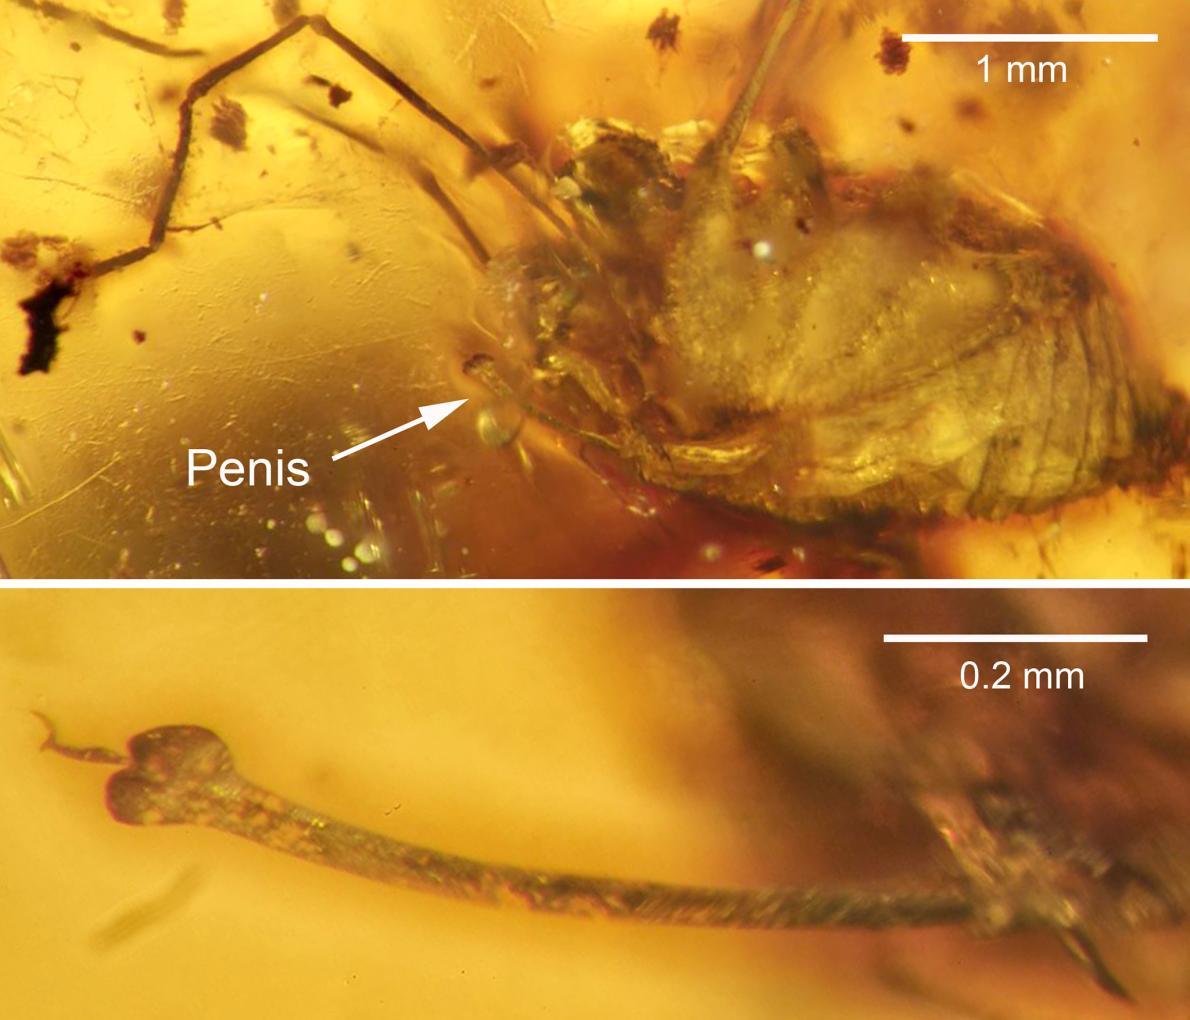 Spider penis